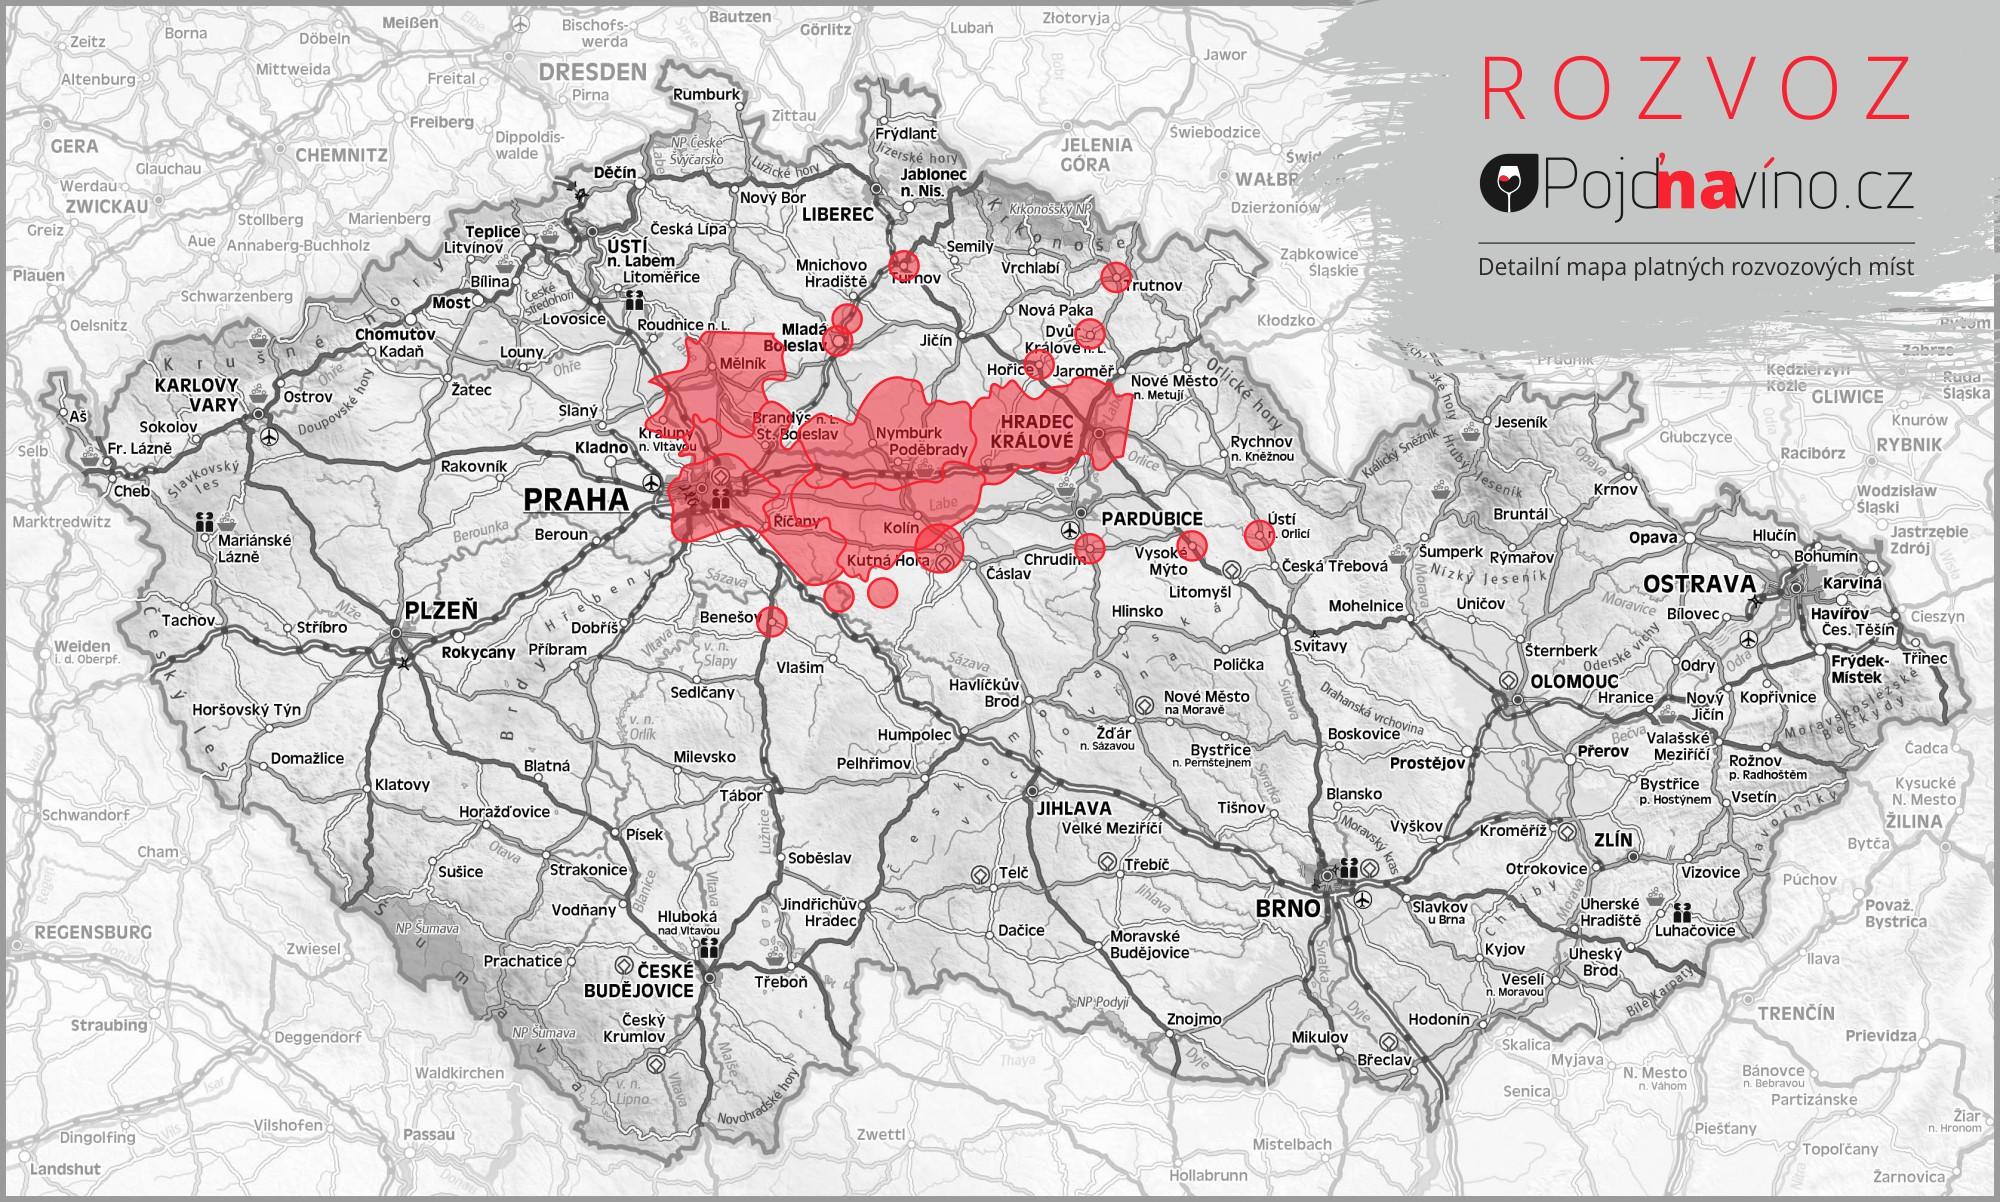 mapa_rozvozu_Pojdnavino.cz